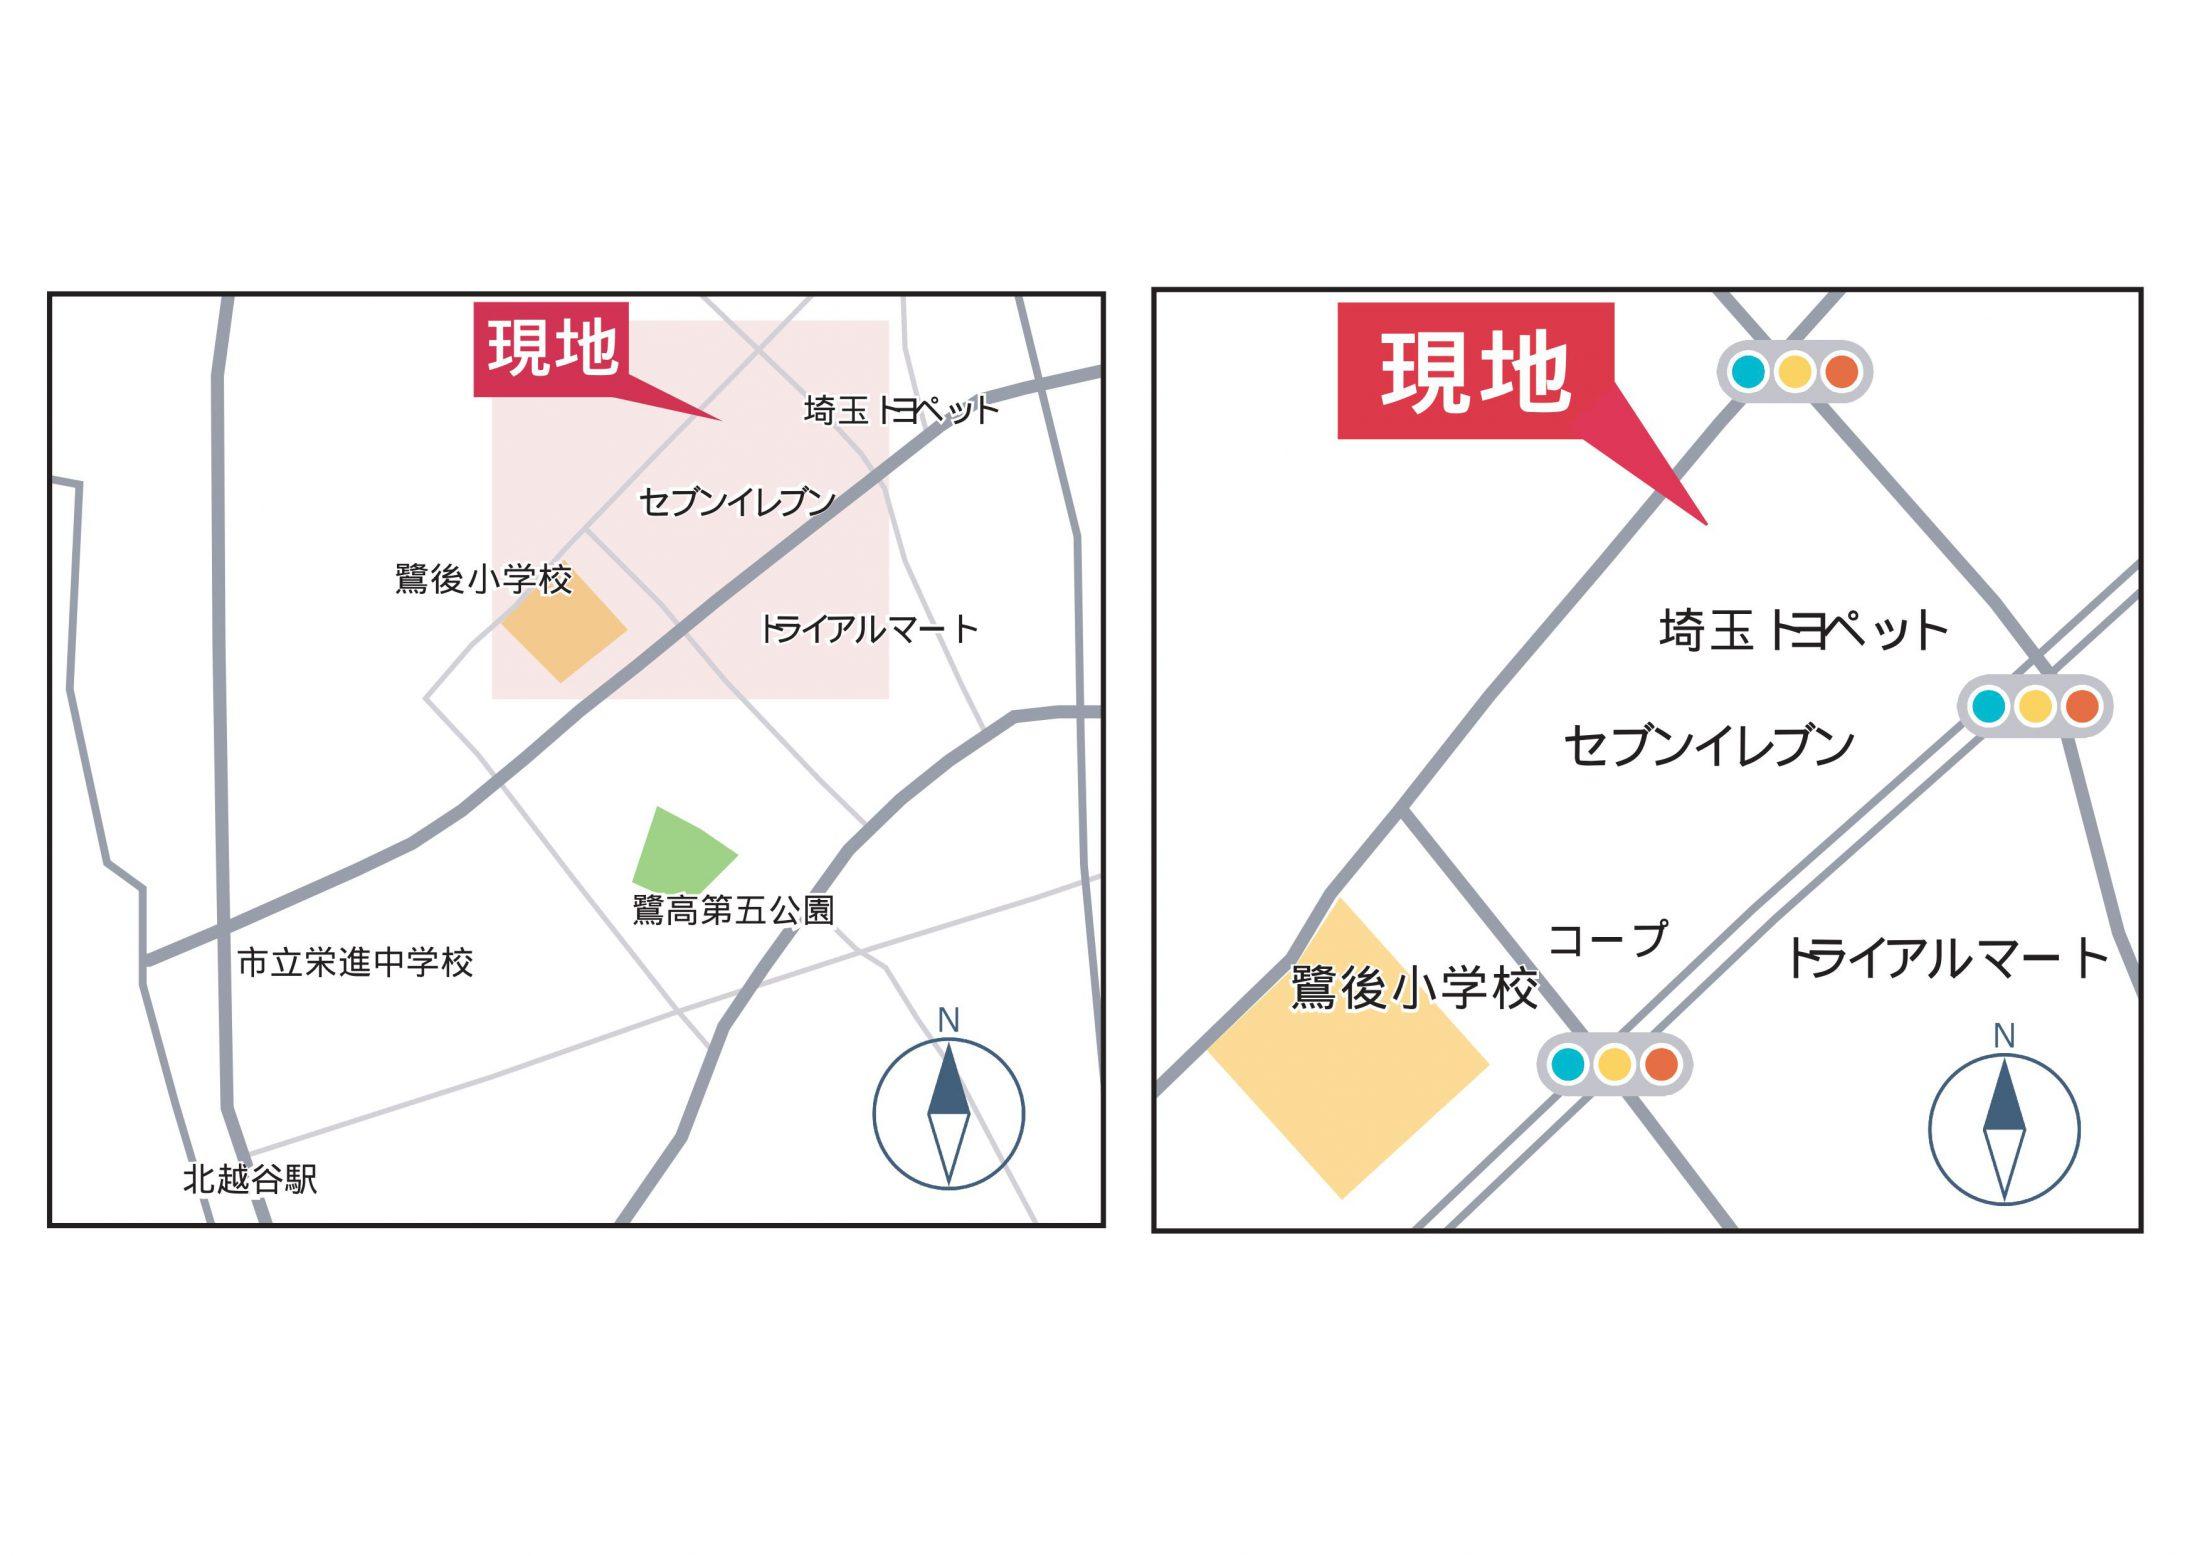 0001 - (koshigaya)越谷展示場受付